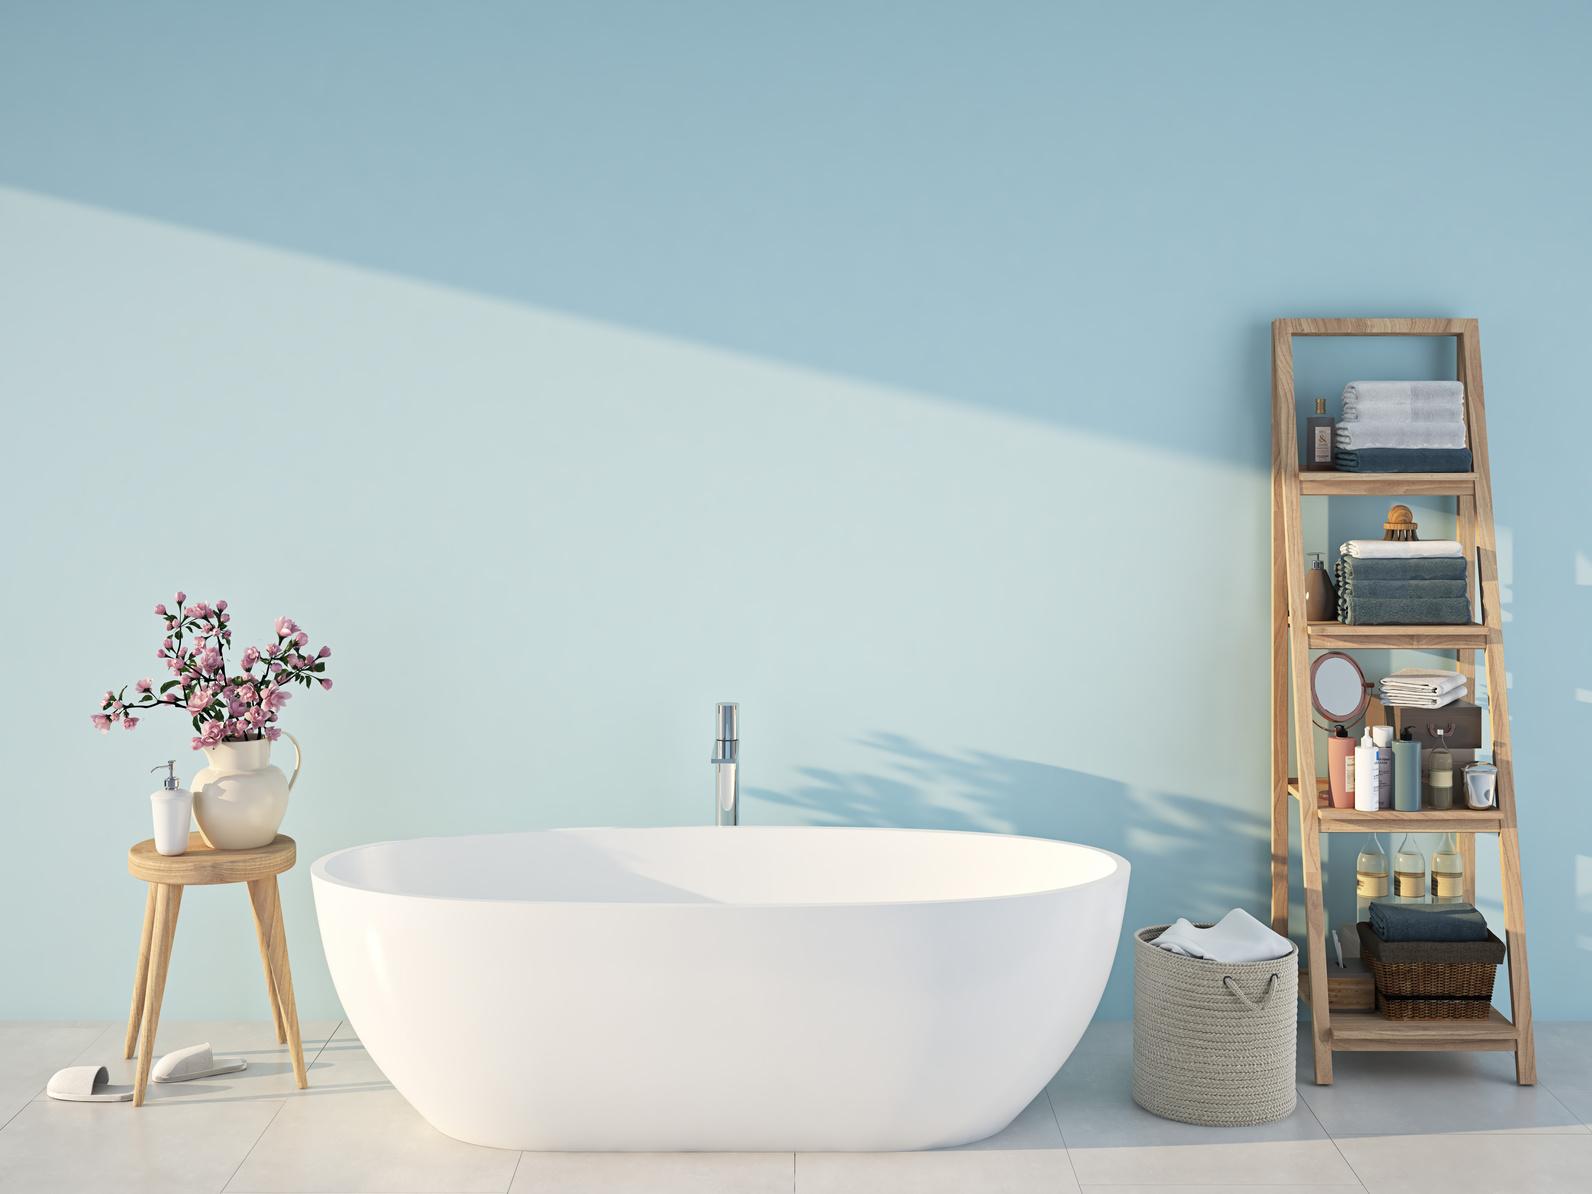 quel chauffage soufflant pour salle de bain devrais-je choisir ?